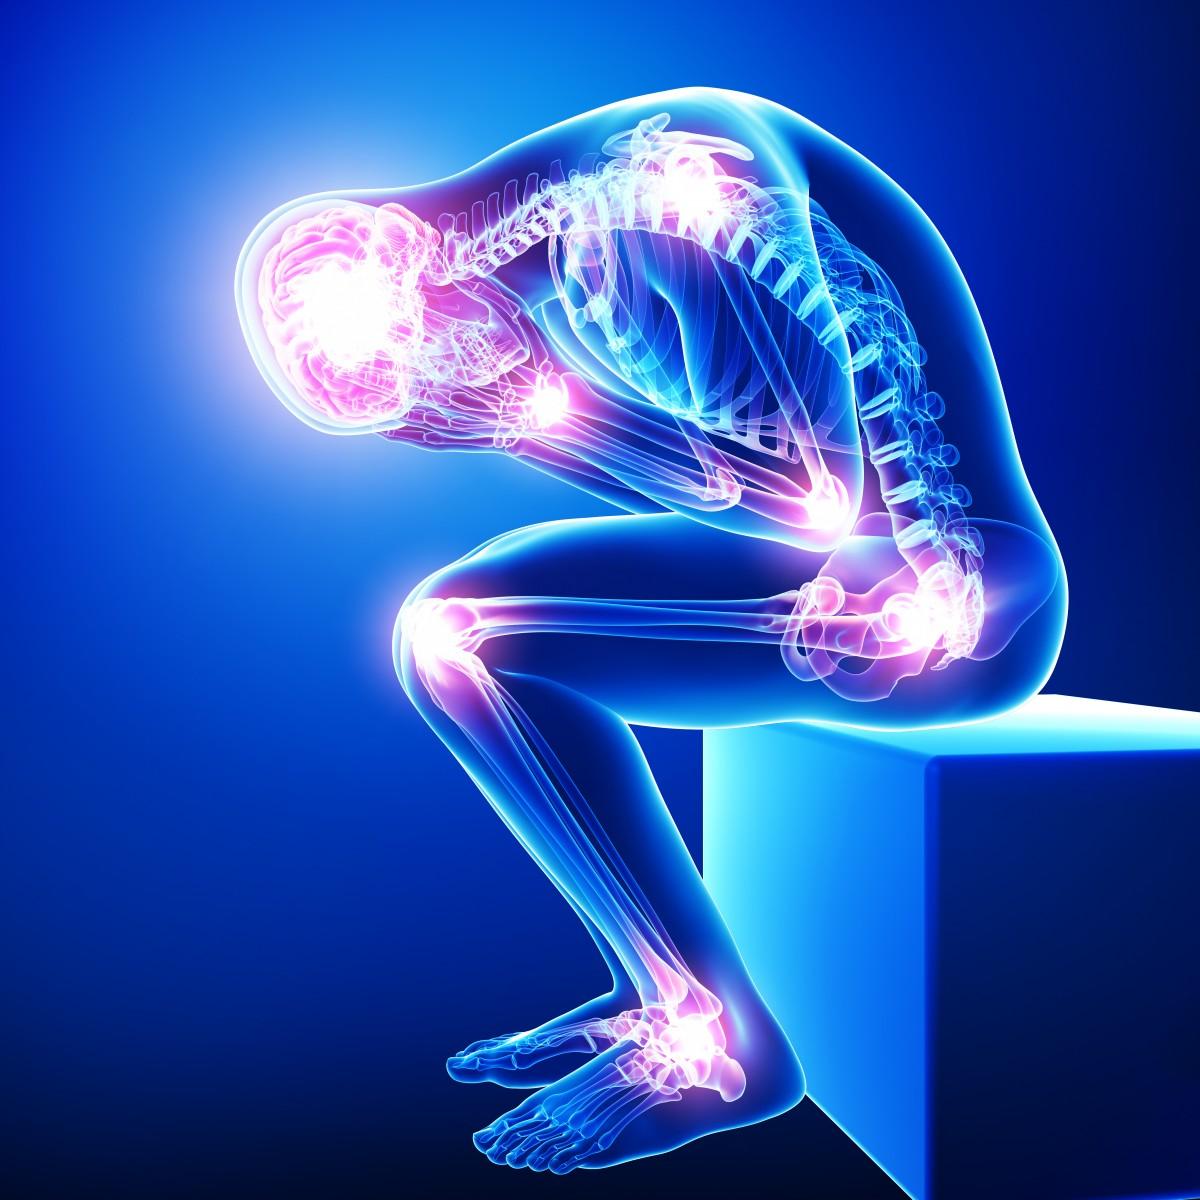 ízületi fájdalom fibromialgia a kéz ízületei fájnak, amikor az ok meghajlik